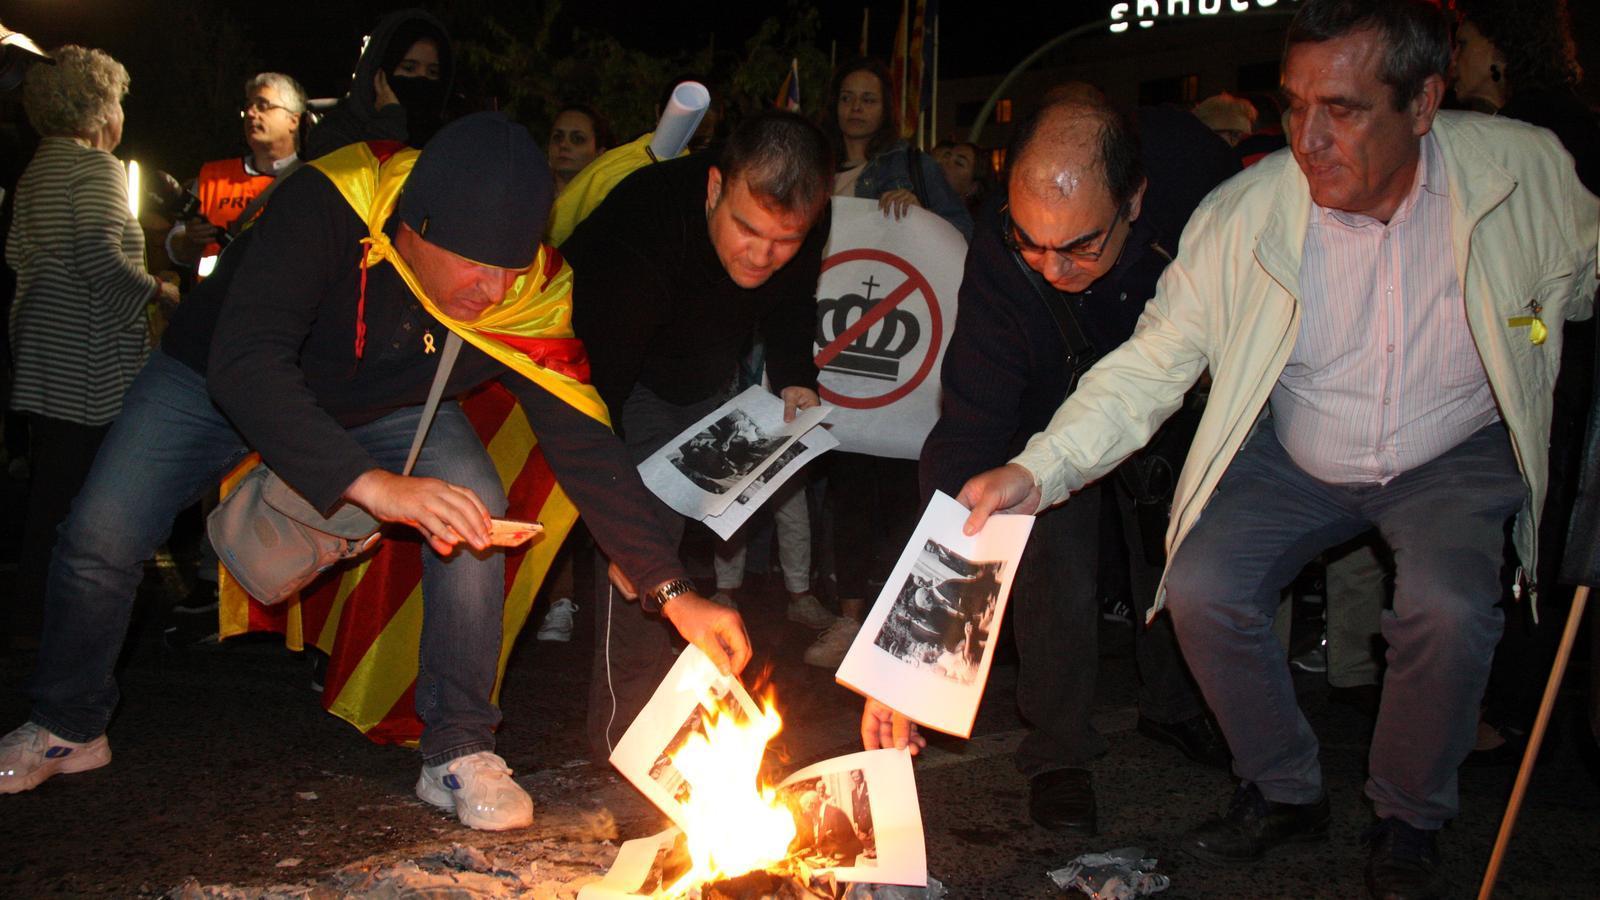 Milers de persones protesten amb cassolades i crema de fotos contra la presència de Felip VI a Barcelona